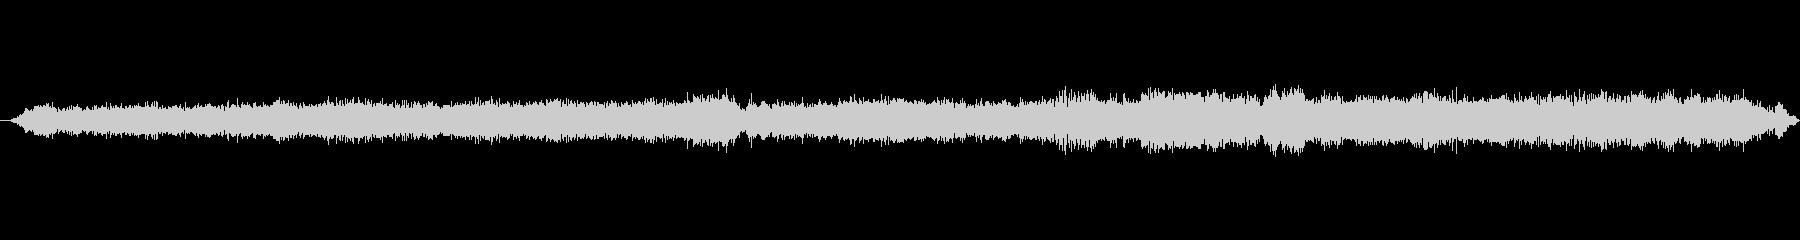 板金ボウ03-LCRの未再生の波形